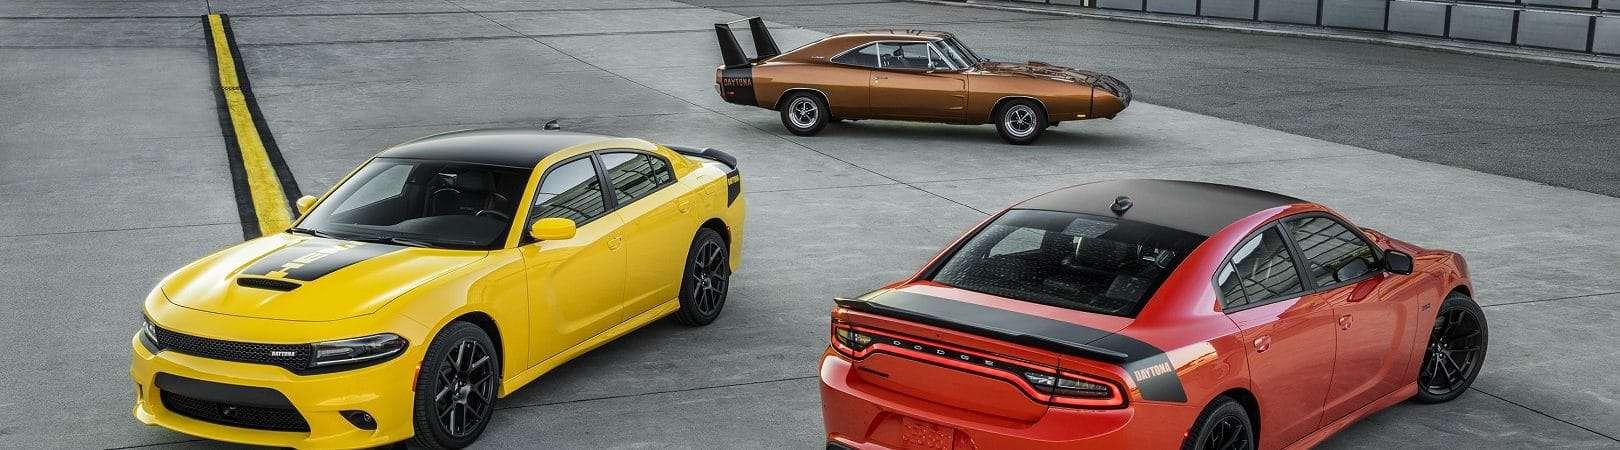 2017 Dodge Charger Daytona (left), 1969 Dodge Charger Daytona (center) and 2017 Dodge Charger Daytona 392 (right)